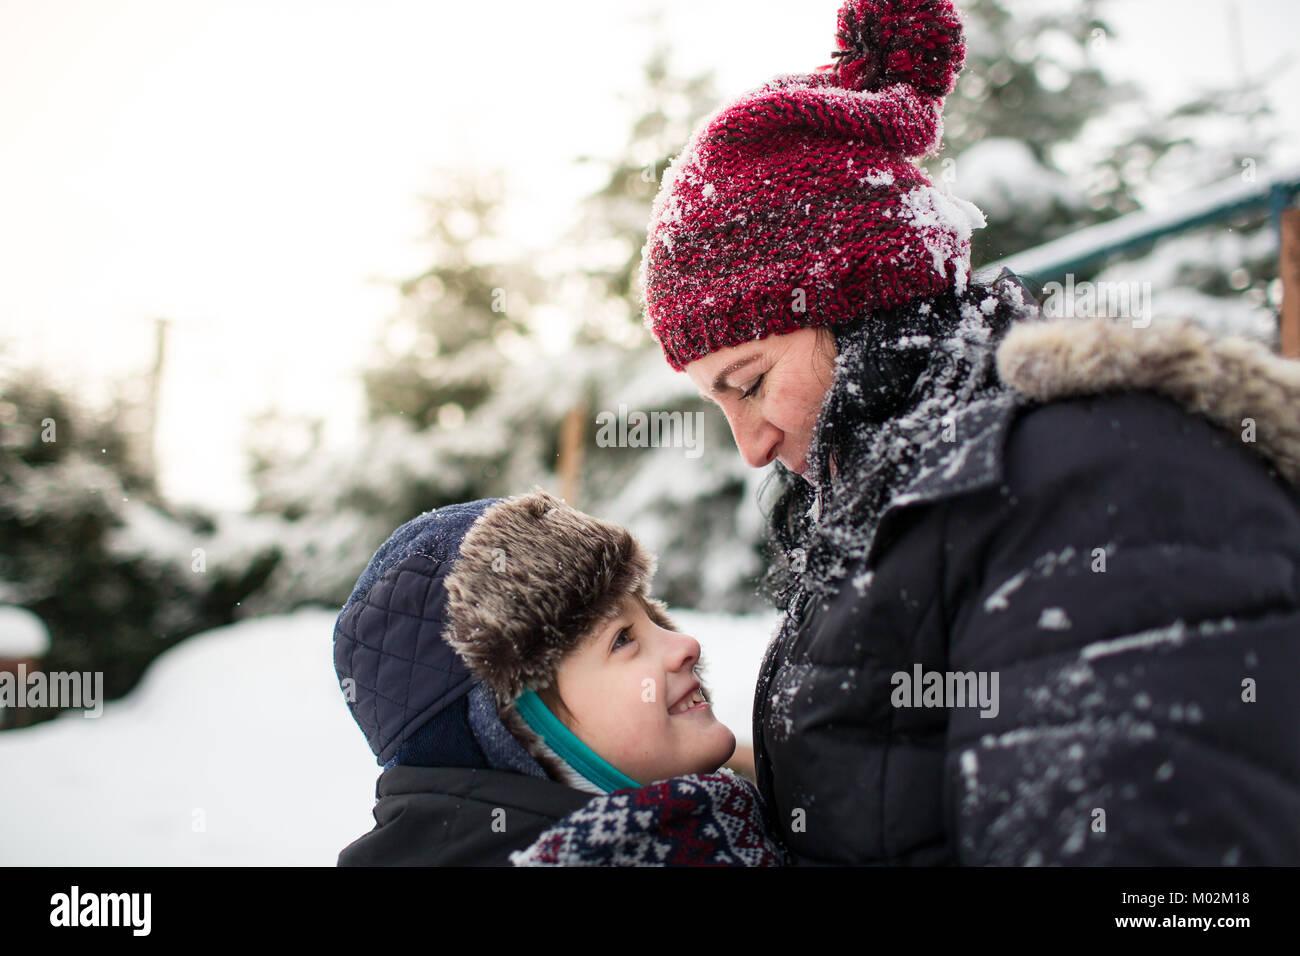 Vista lateral de una feliz madre e hijo mirándose a los ojos después de una pelea con bolas de nieve Imagen De Stock